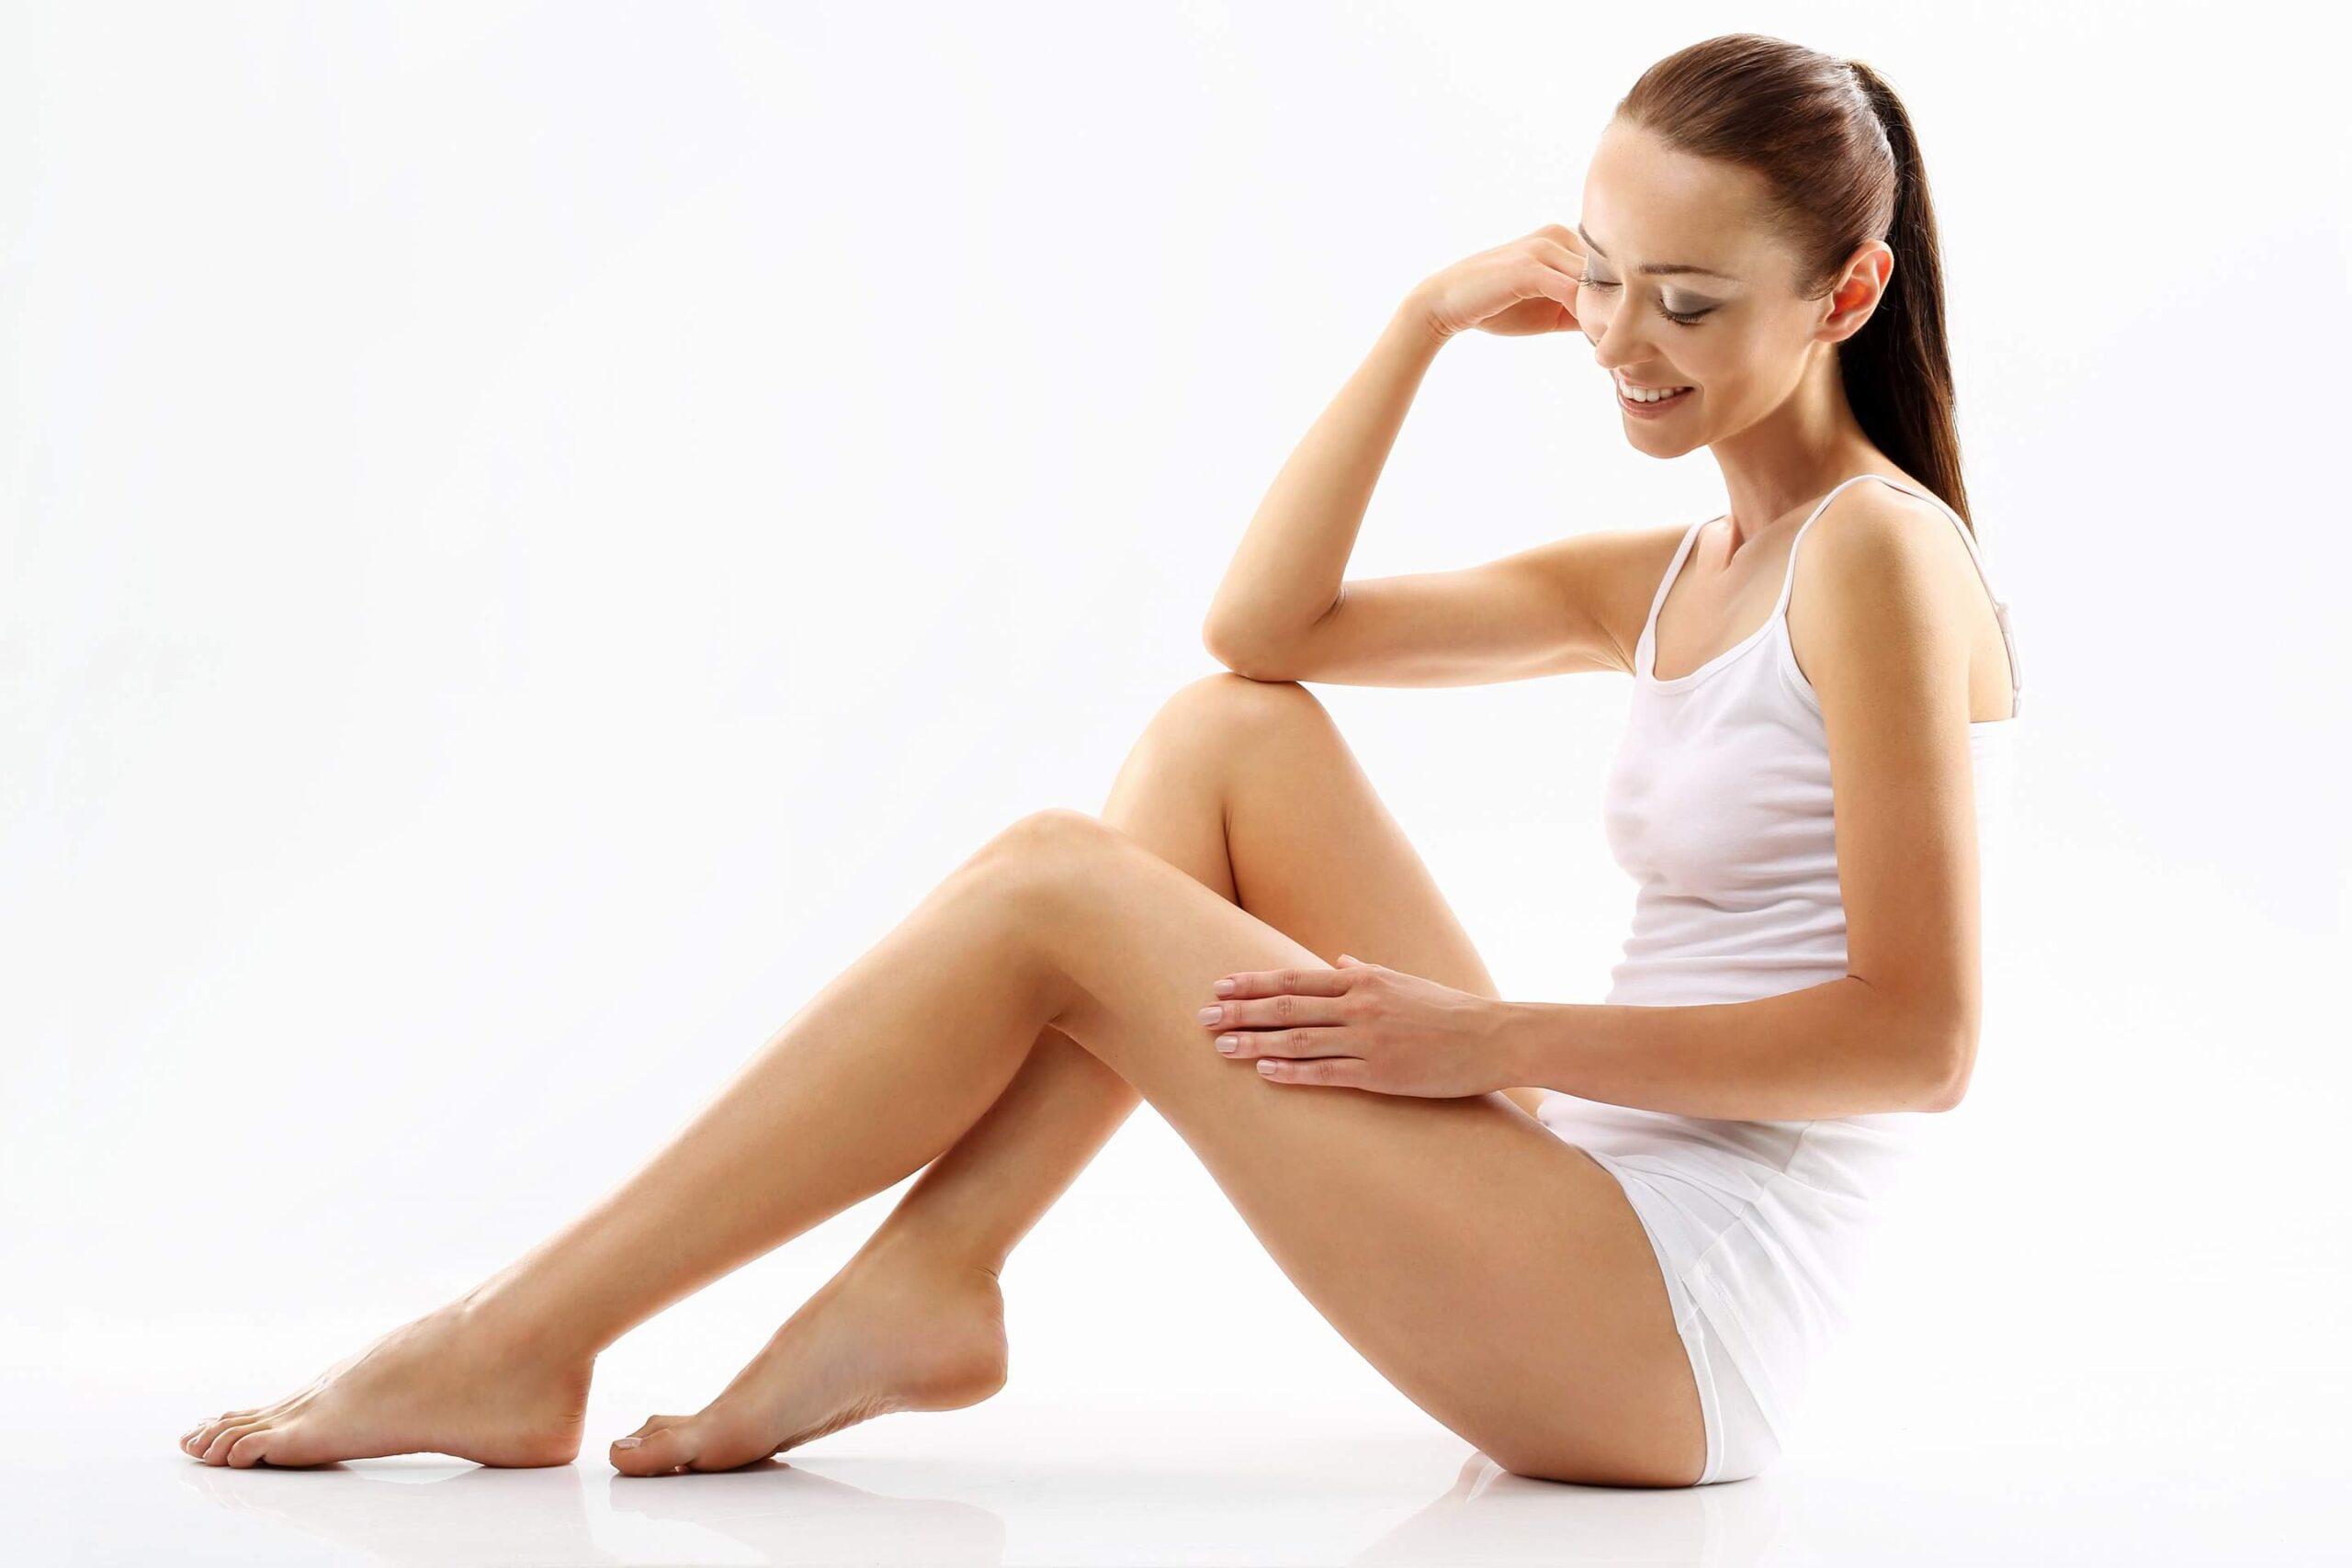 młoda, piękna kobieta prezentuje swoje zgrabne i zdrowe nogi bez żylaków i znamion